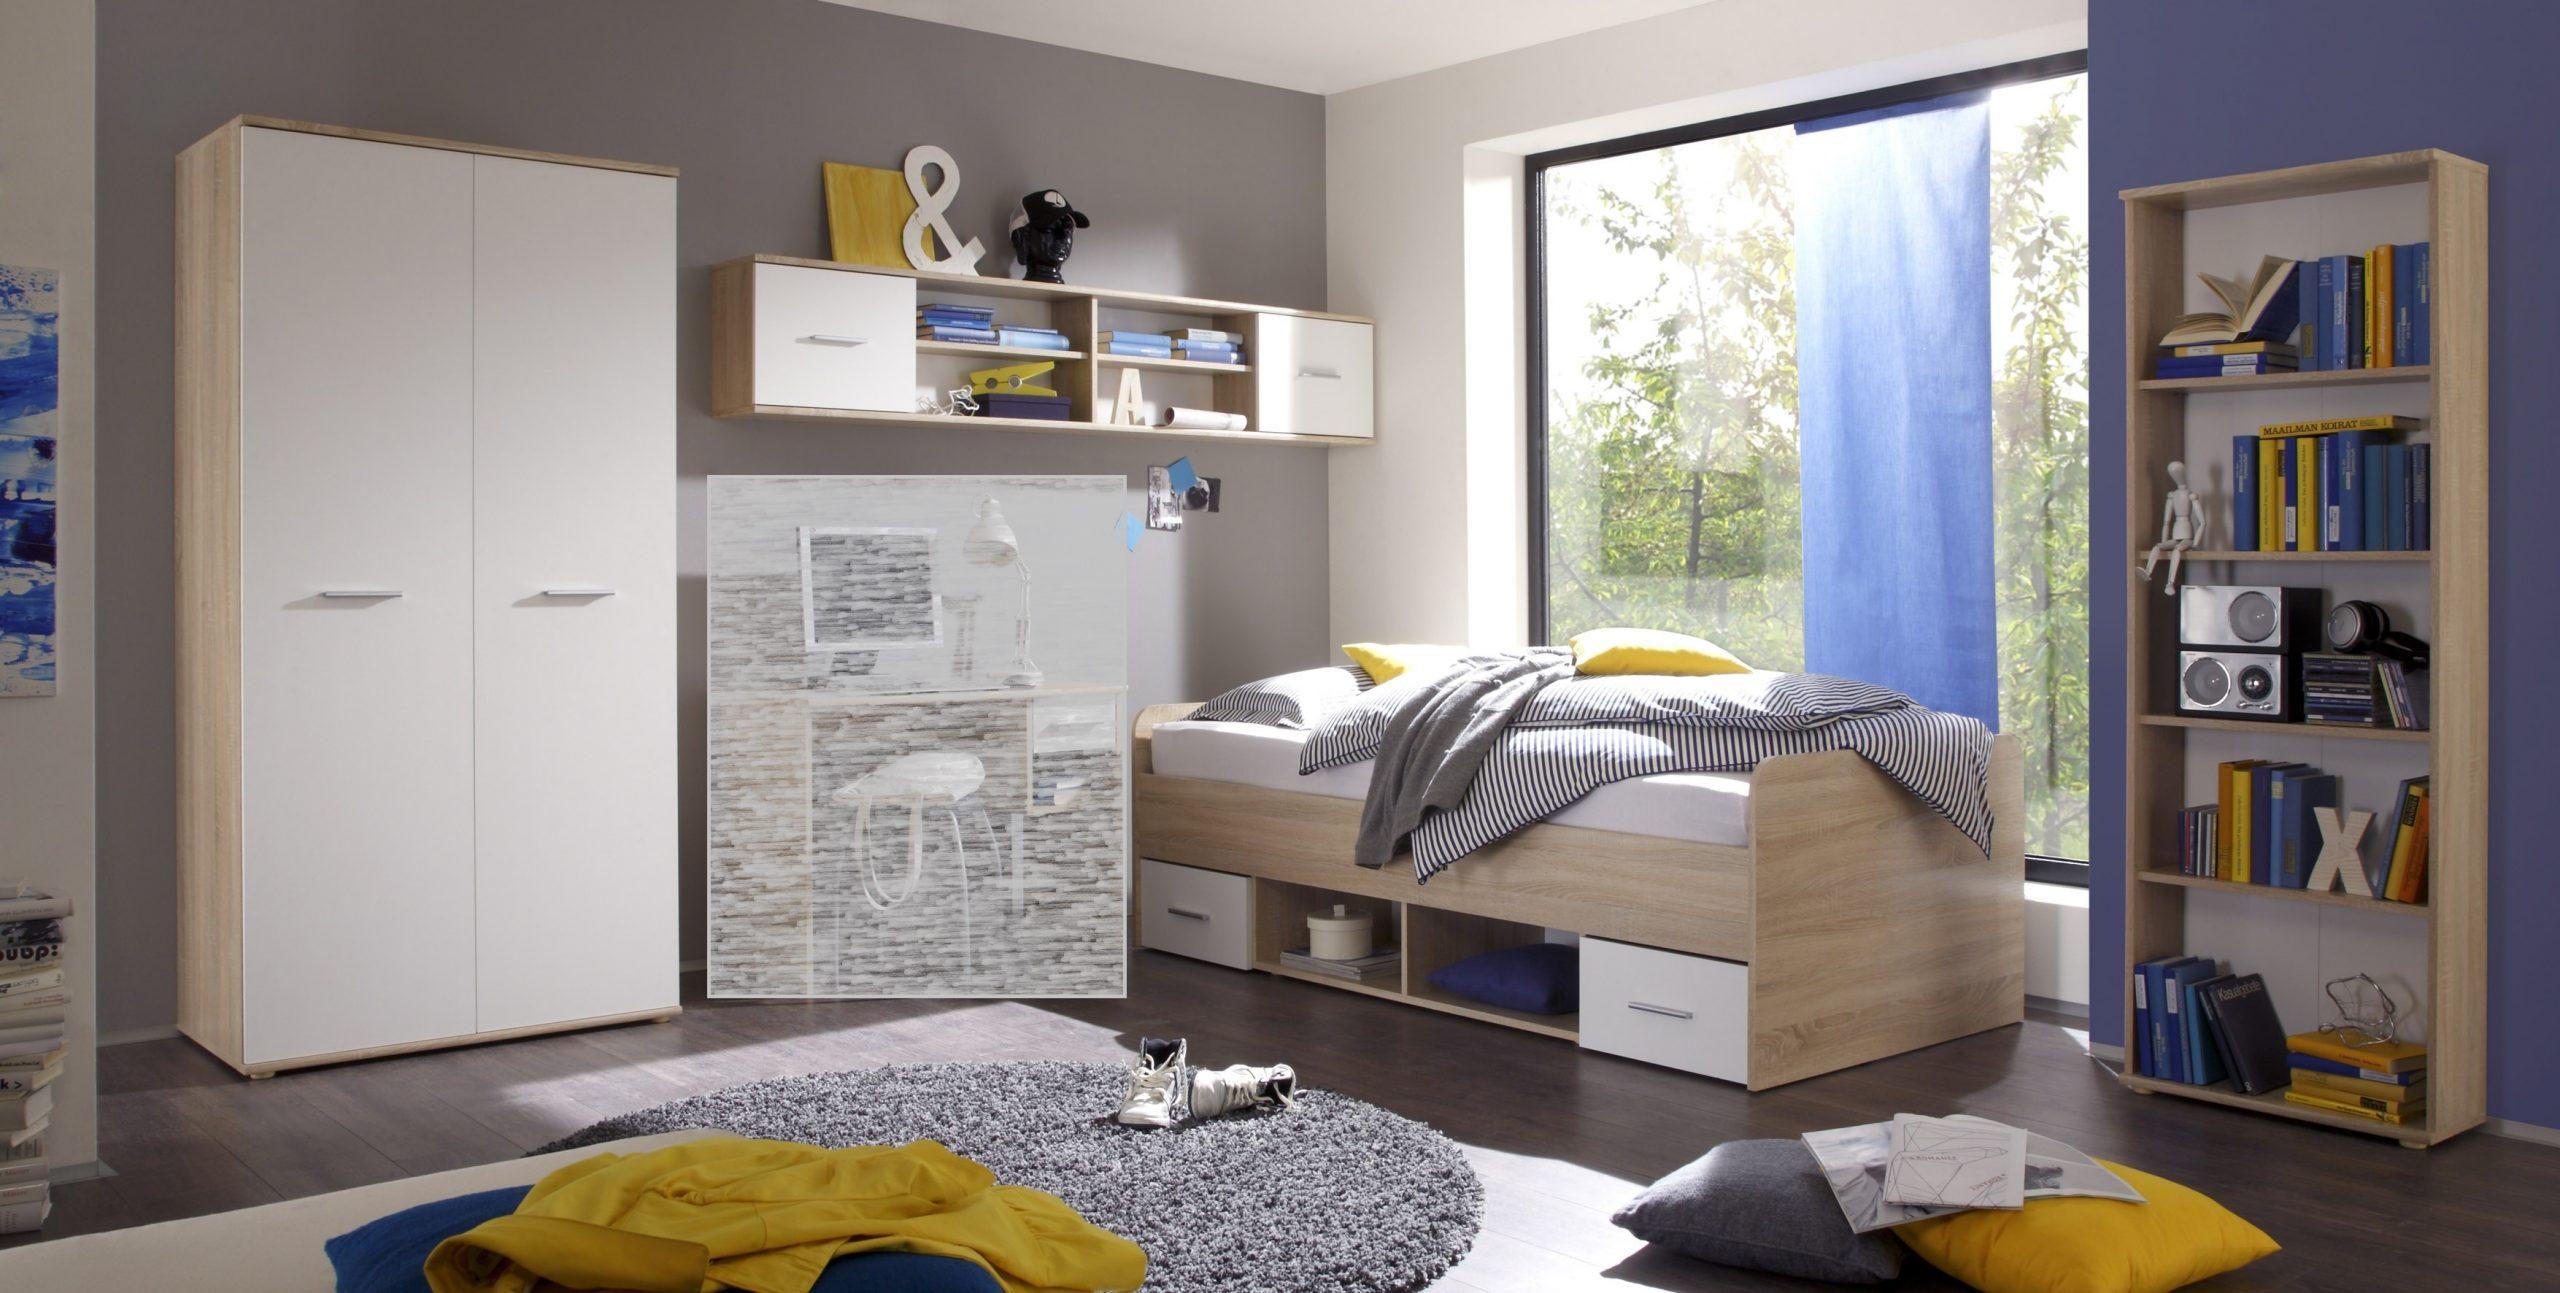 Full Size of Bett Schrank Set Schrankbett 180x200 Vertikal Apartment Schrankwand 140 X 200 Ikea Kombi Gebraucht Mit Zwei Betten Kombination Nehl Jugendzimmer Nanu 4tlg Bett Bett Schrank